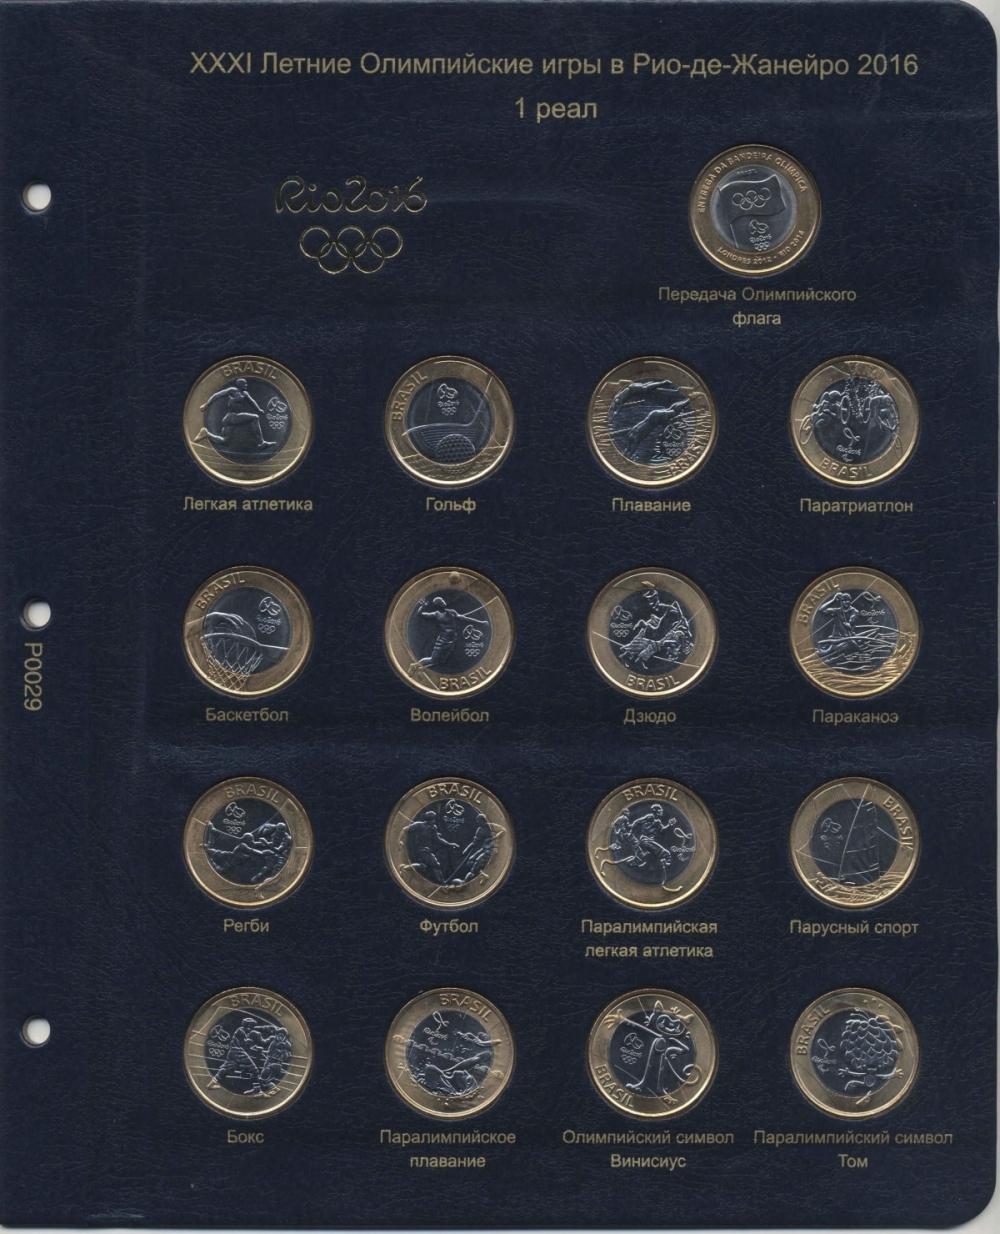 Лист для юбилейных монет XXXI Летних Олимпийских игр в Рио-де-Жанейро 2016 - 1